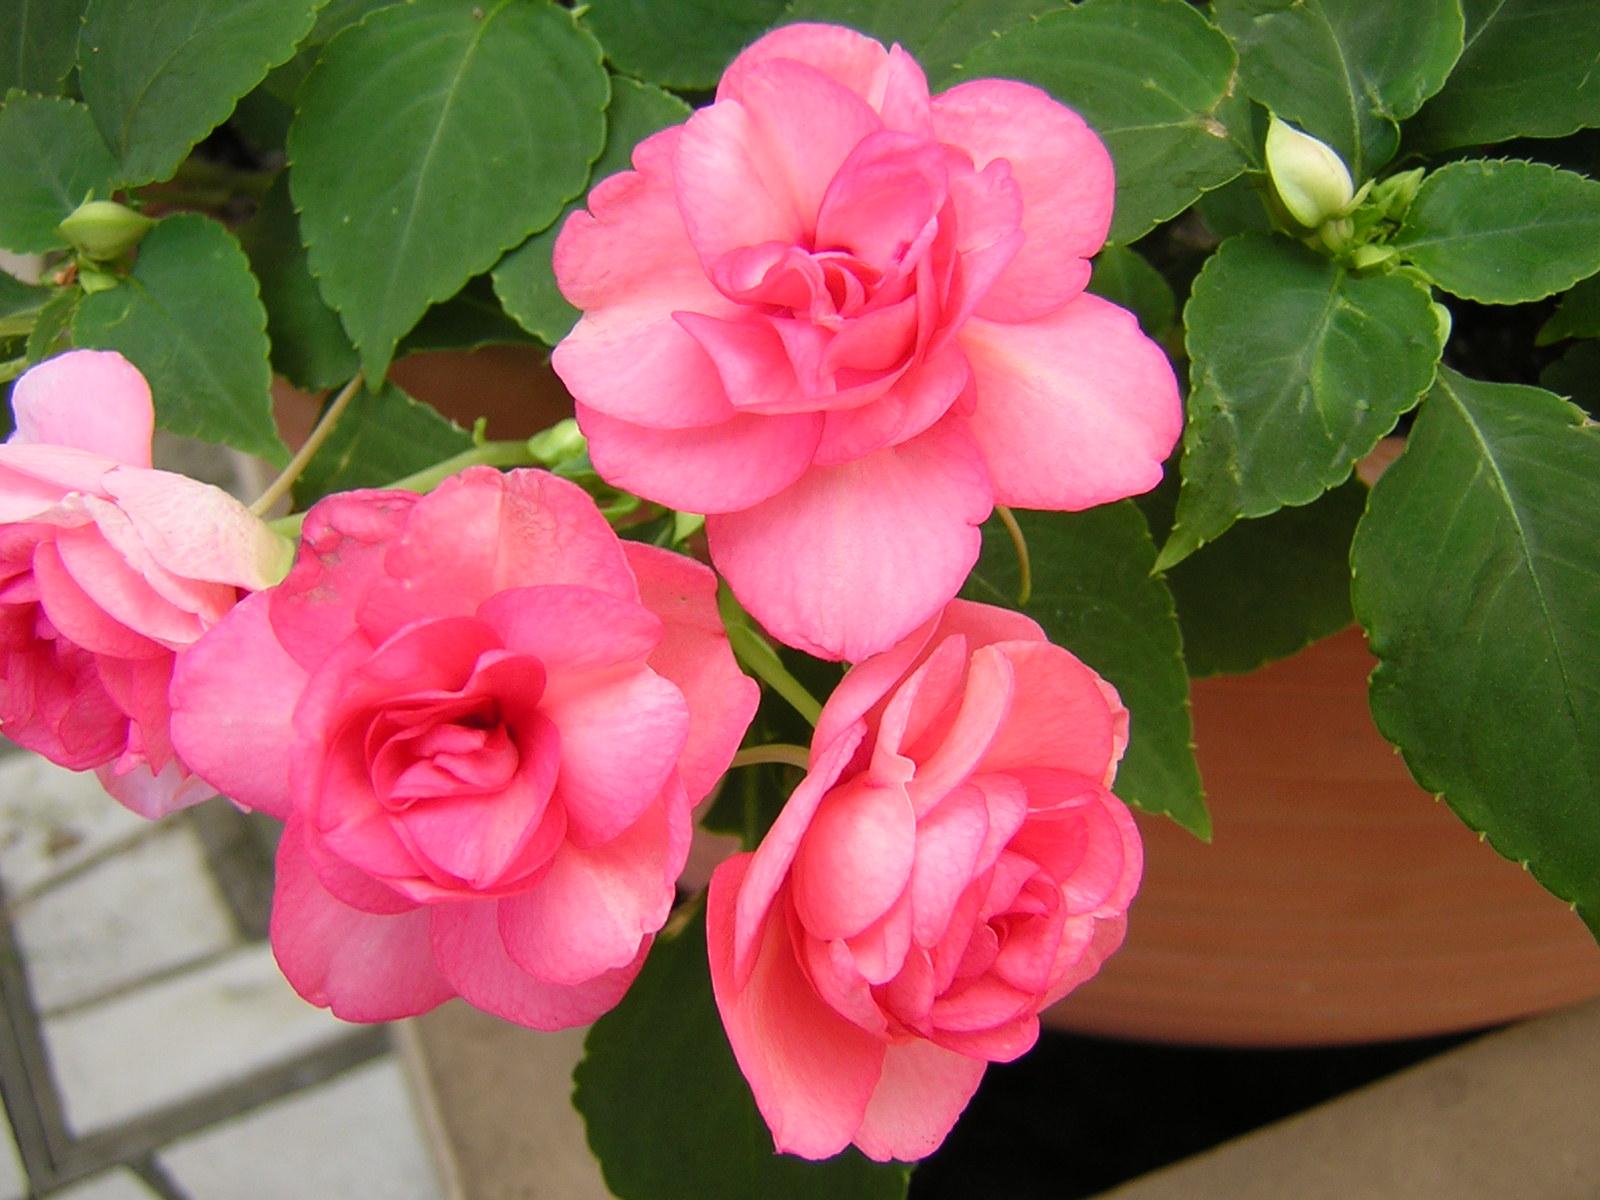 ガーデン用品屋さんの花図鑑 インパチェンス